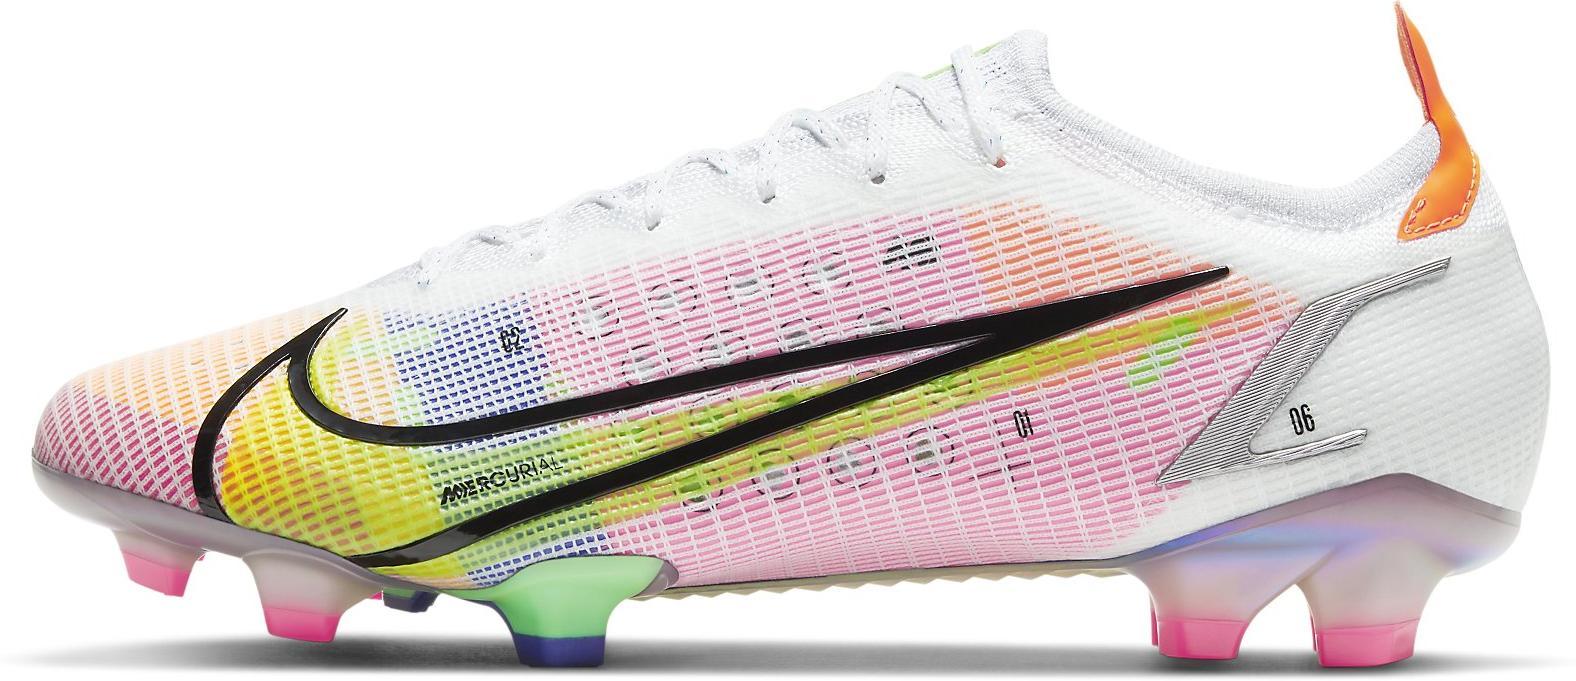 Kopačky Nike VAPOR 14 ELITE FG bílá